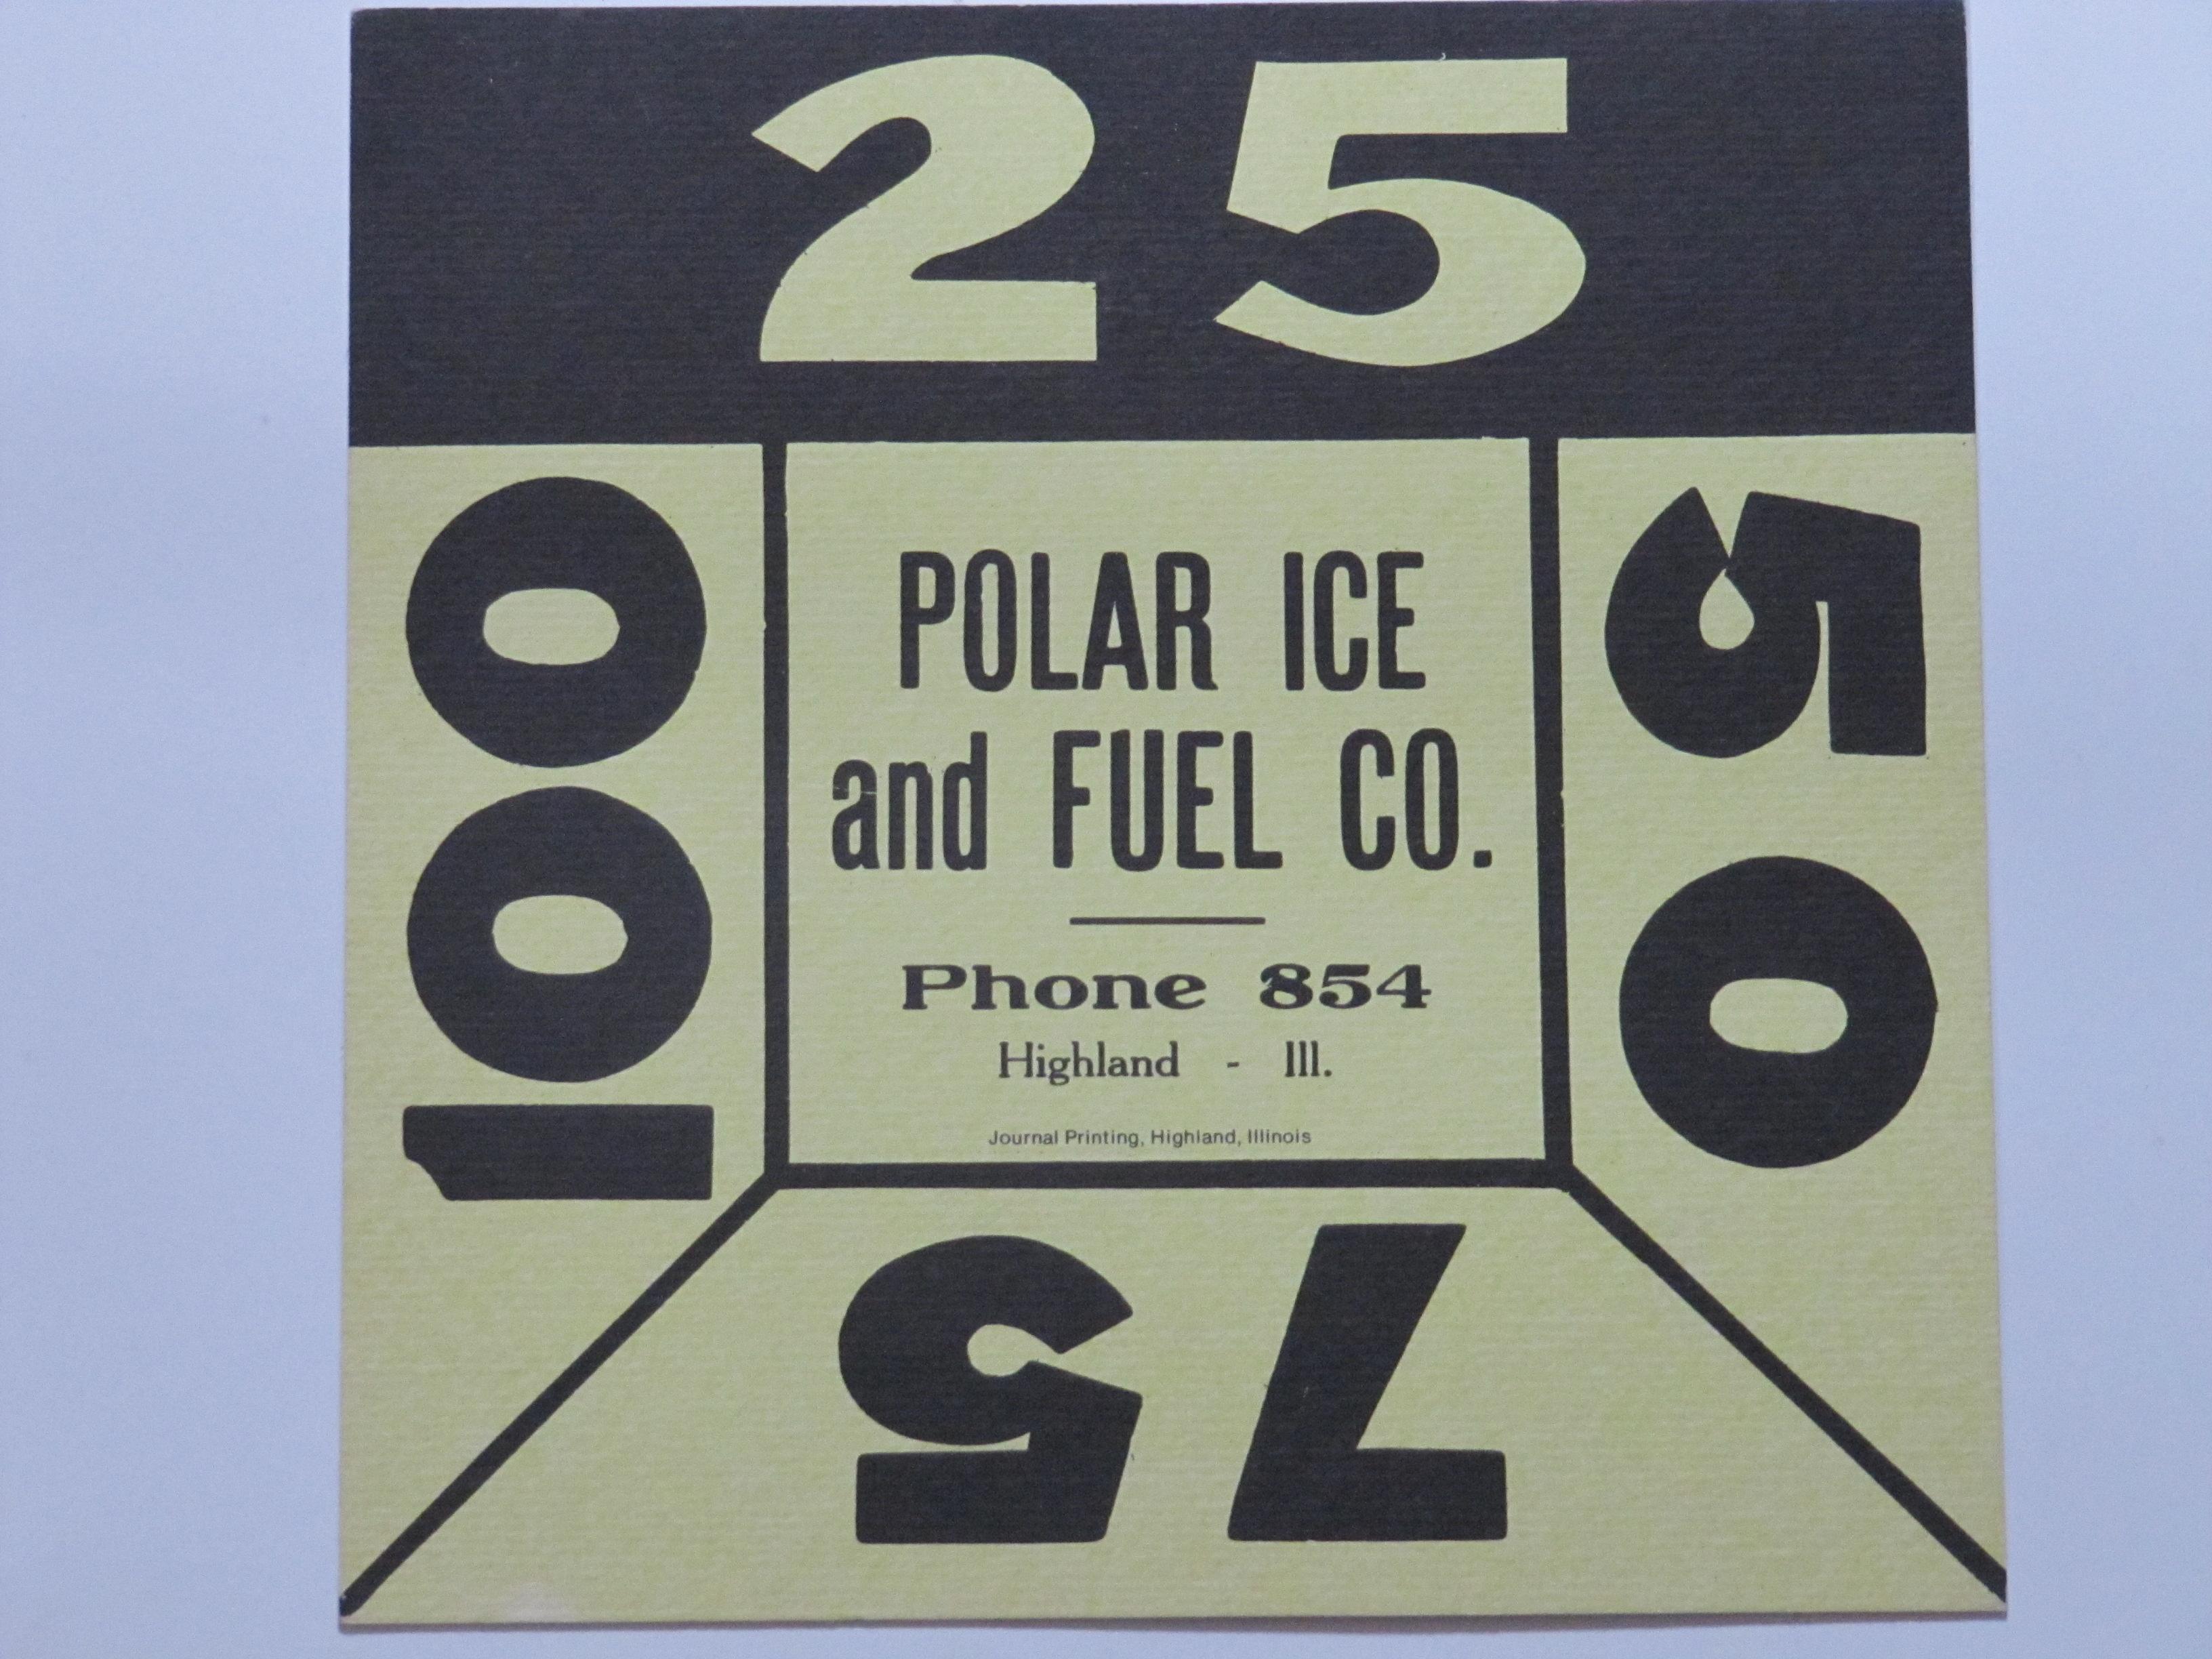 Polar Ice & Fuel Co.